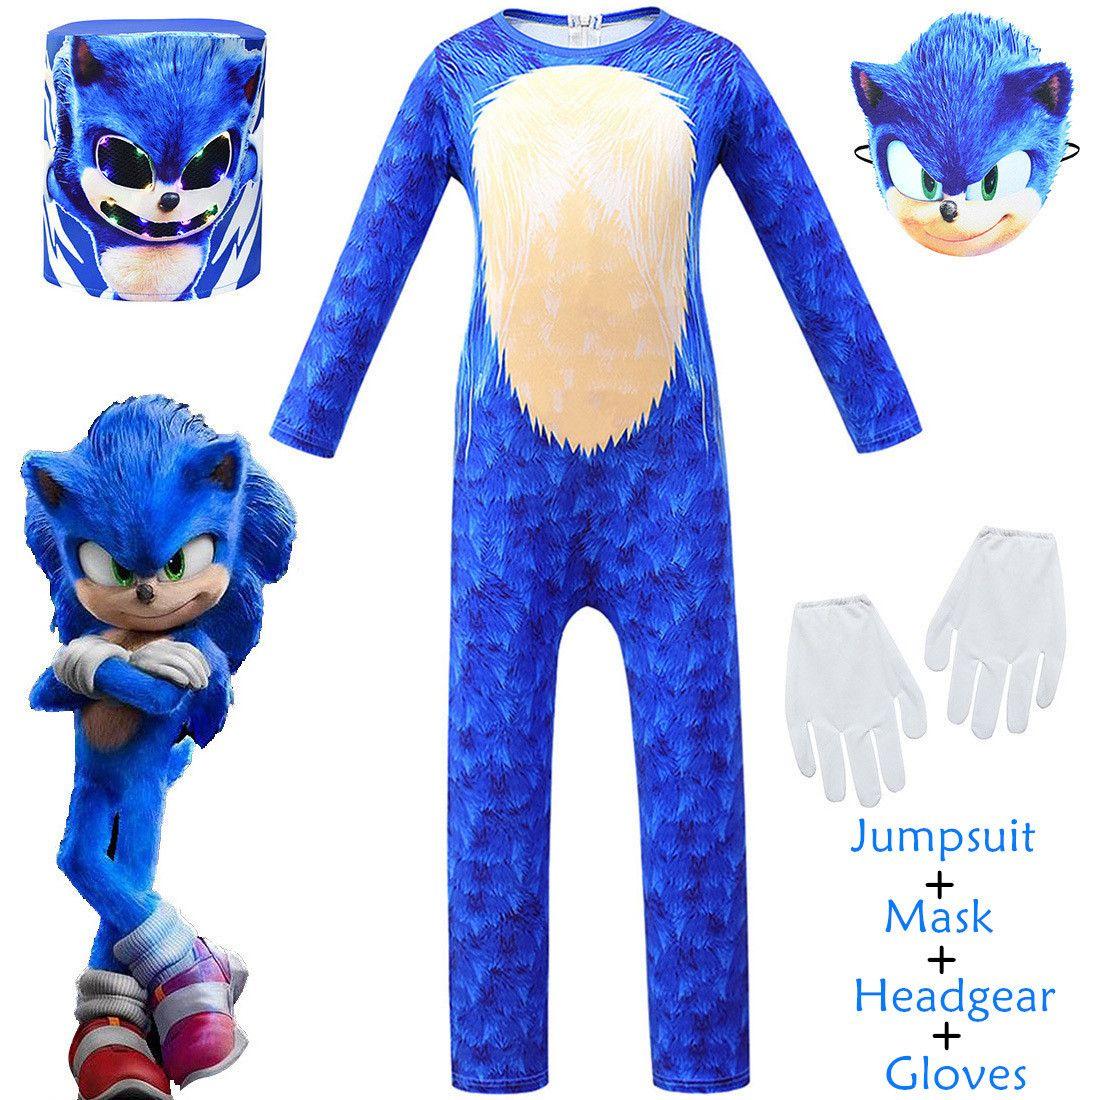 Neue 2020 Kinder Sonic The Igel Video Spiel Anime Cosplay Halloween Karneval Party Overalls Maske Kostüm Für Kinder Dress Up